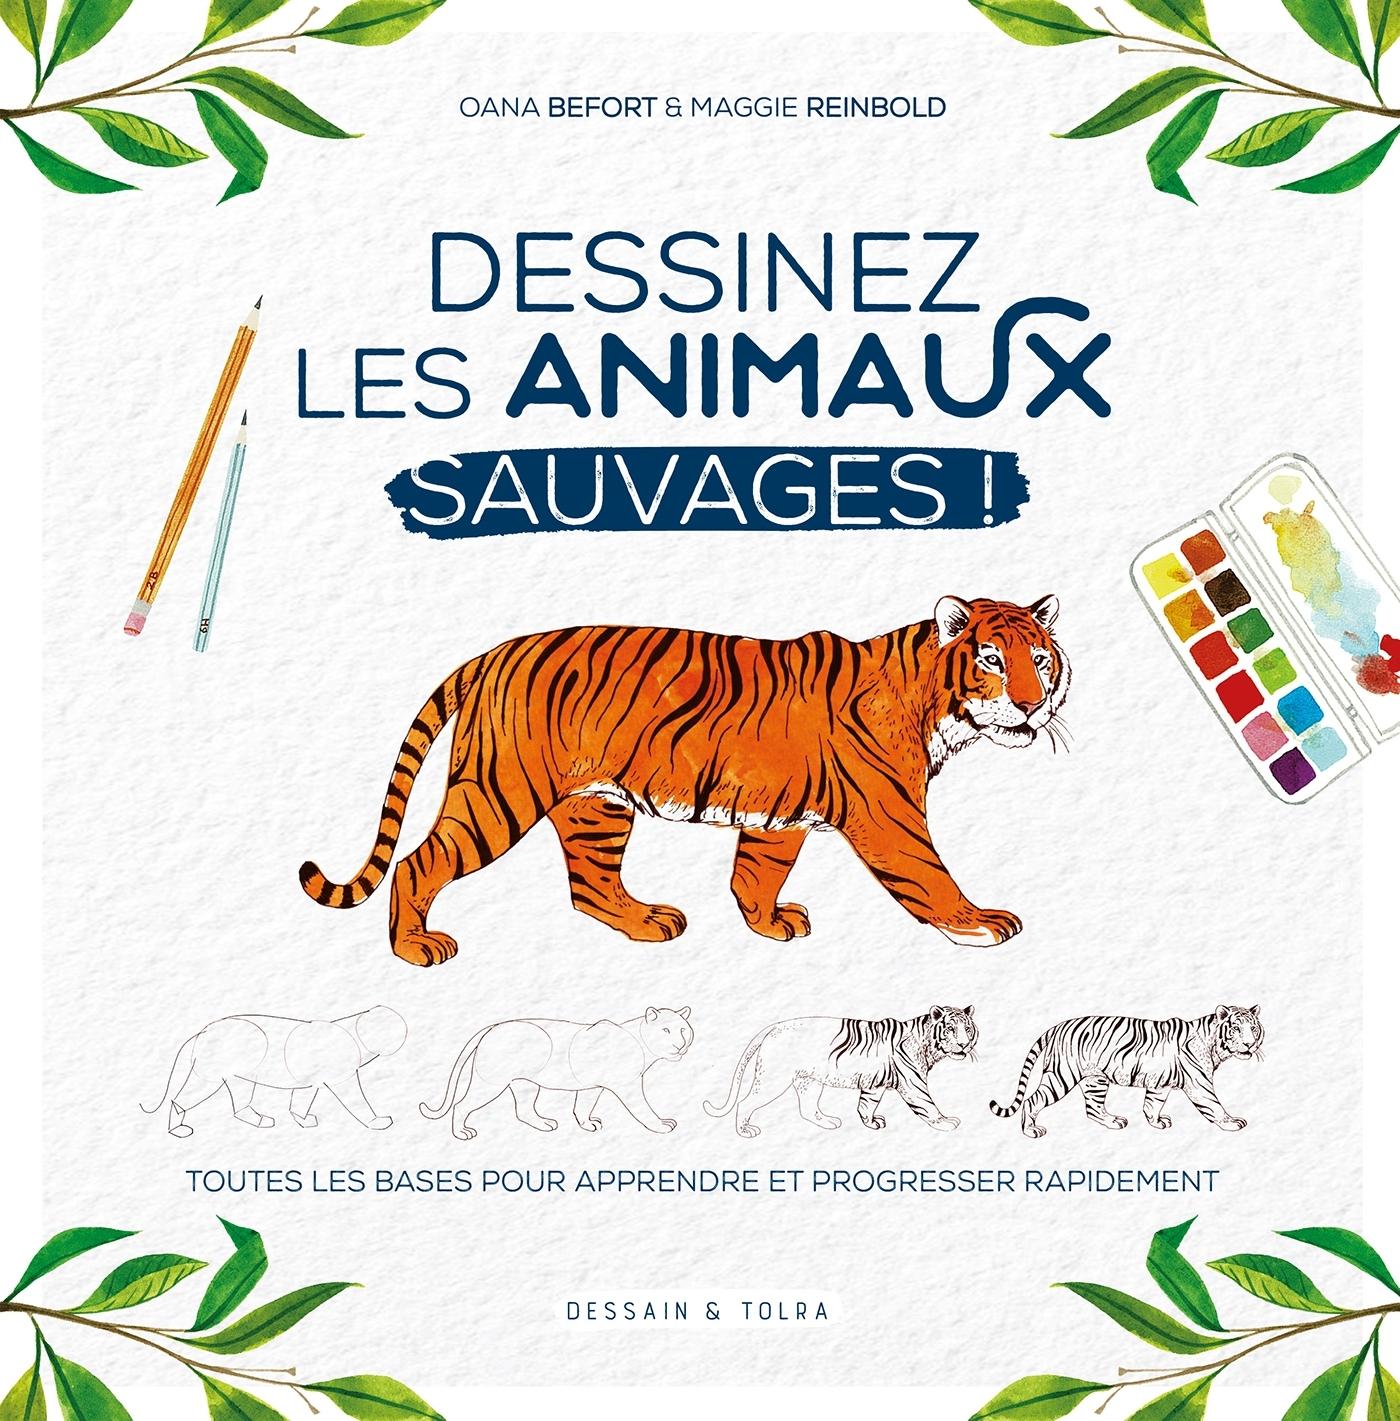 DESSINEZ LES ANIMAUX SAUVAGES ! - TOUTES LES BASES POUR APPRENDRE ET PROGRESSER RAPIDEMENT.